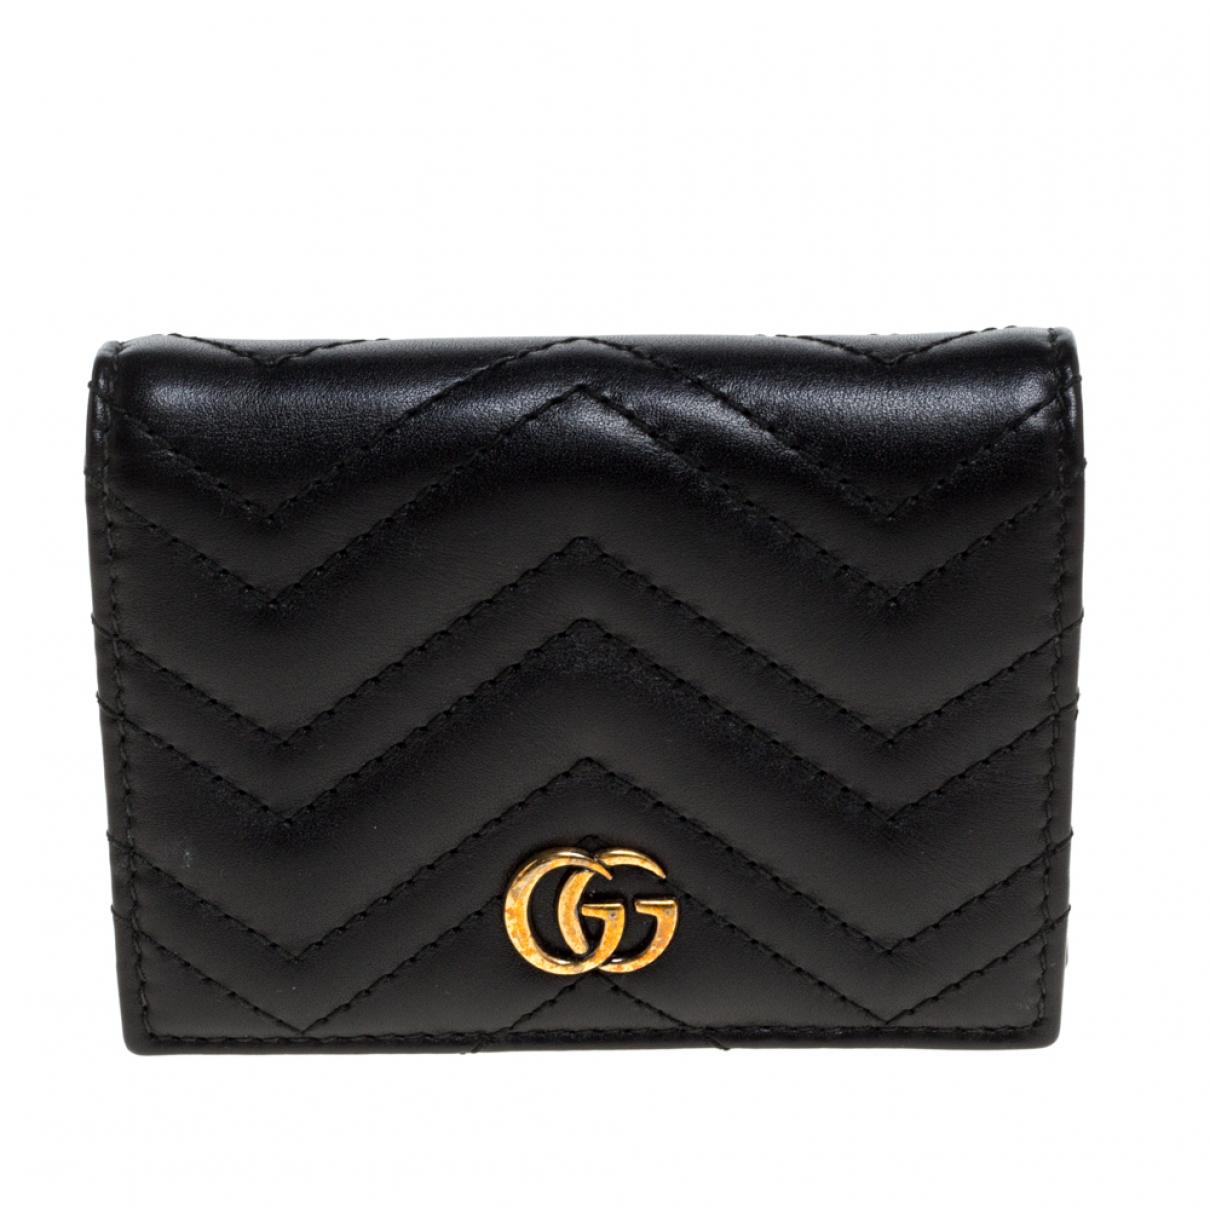 Gucci Marmont Portemonnaie in  Schwarz Leder